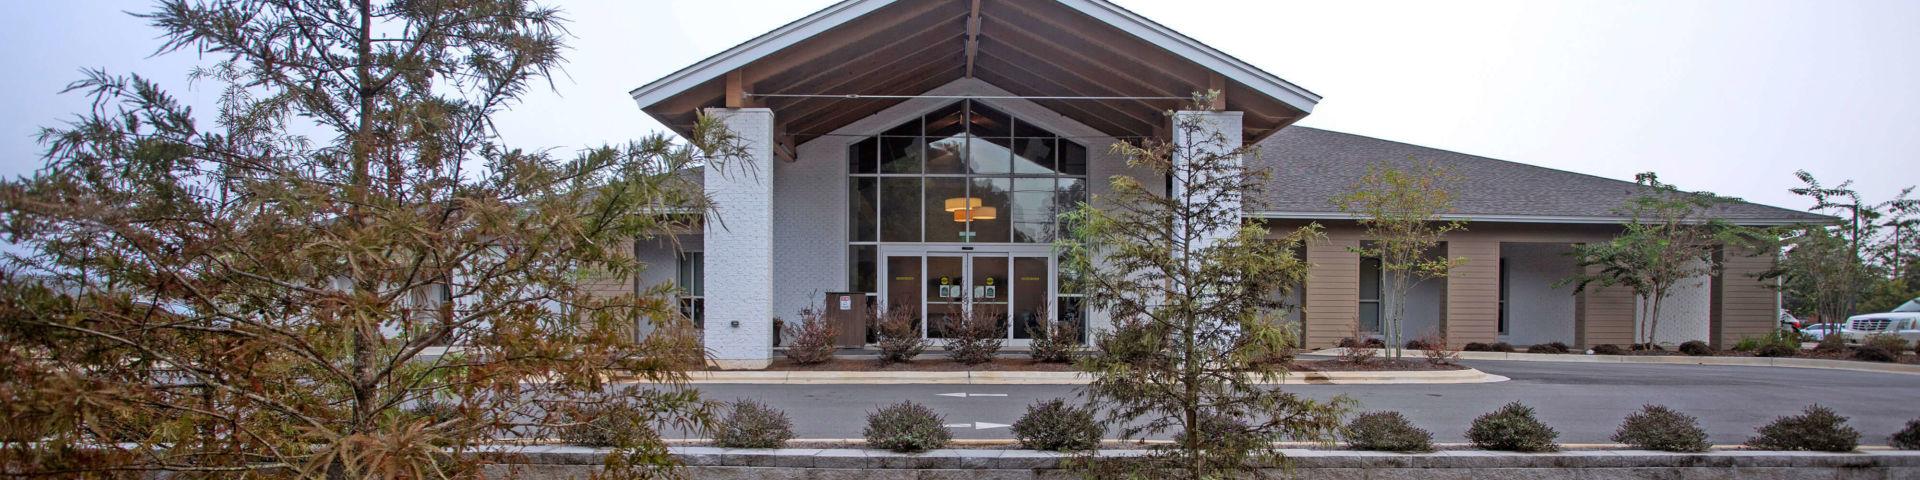 USA Health Mitchell Cancer Institute - Fairhope